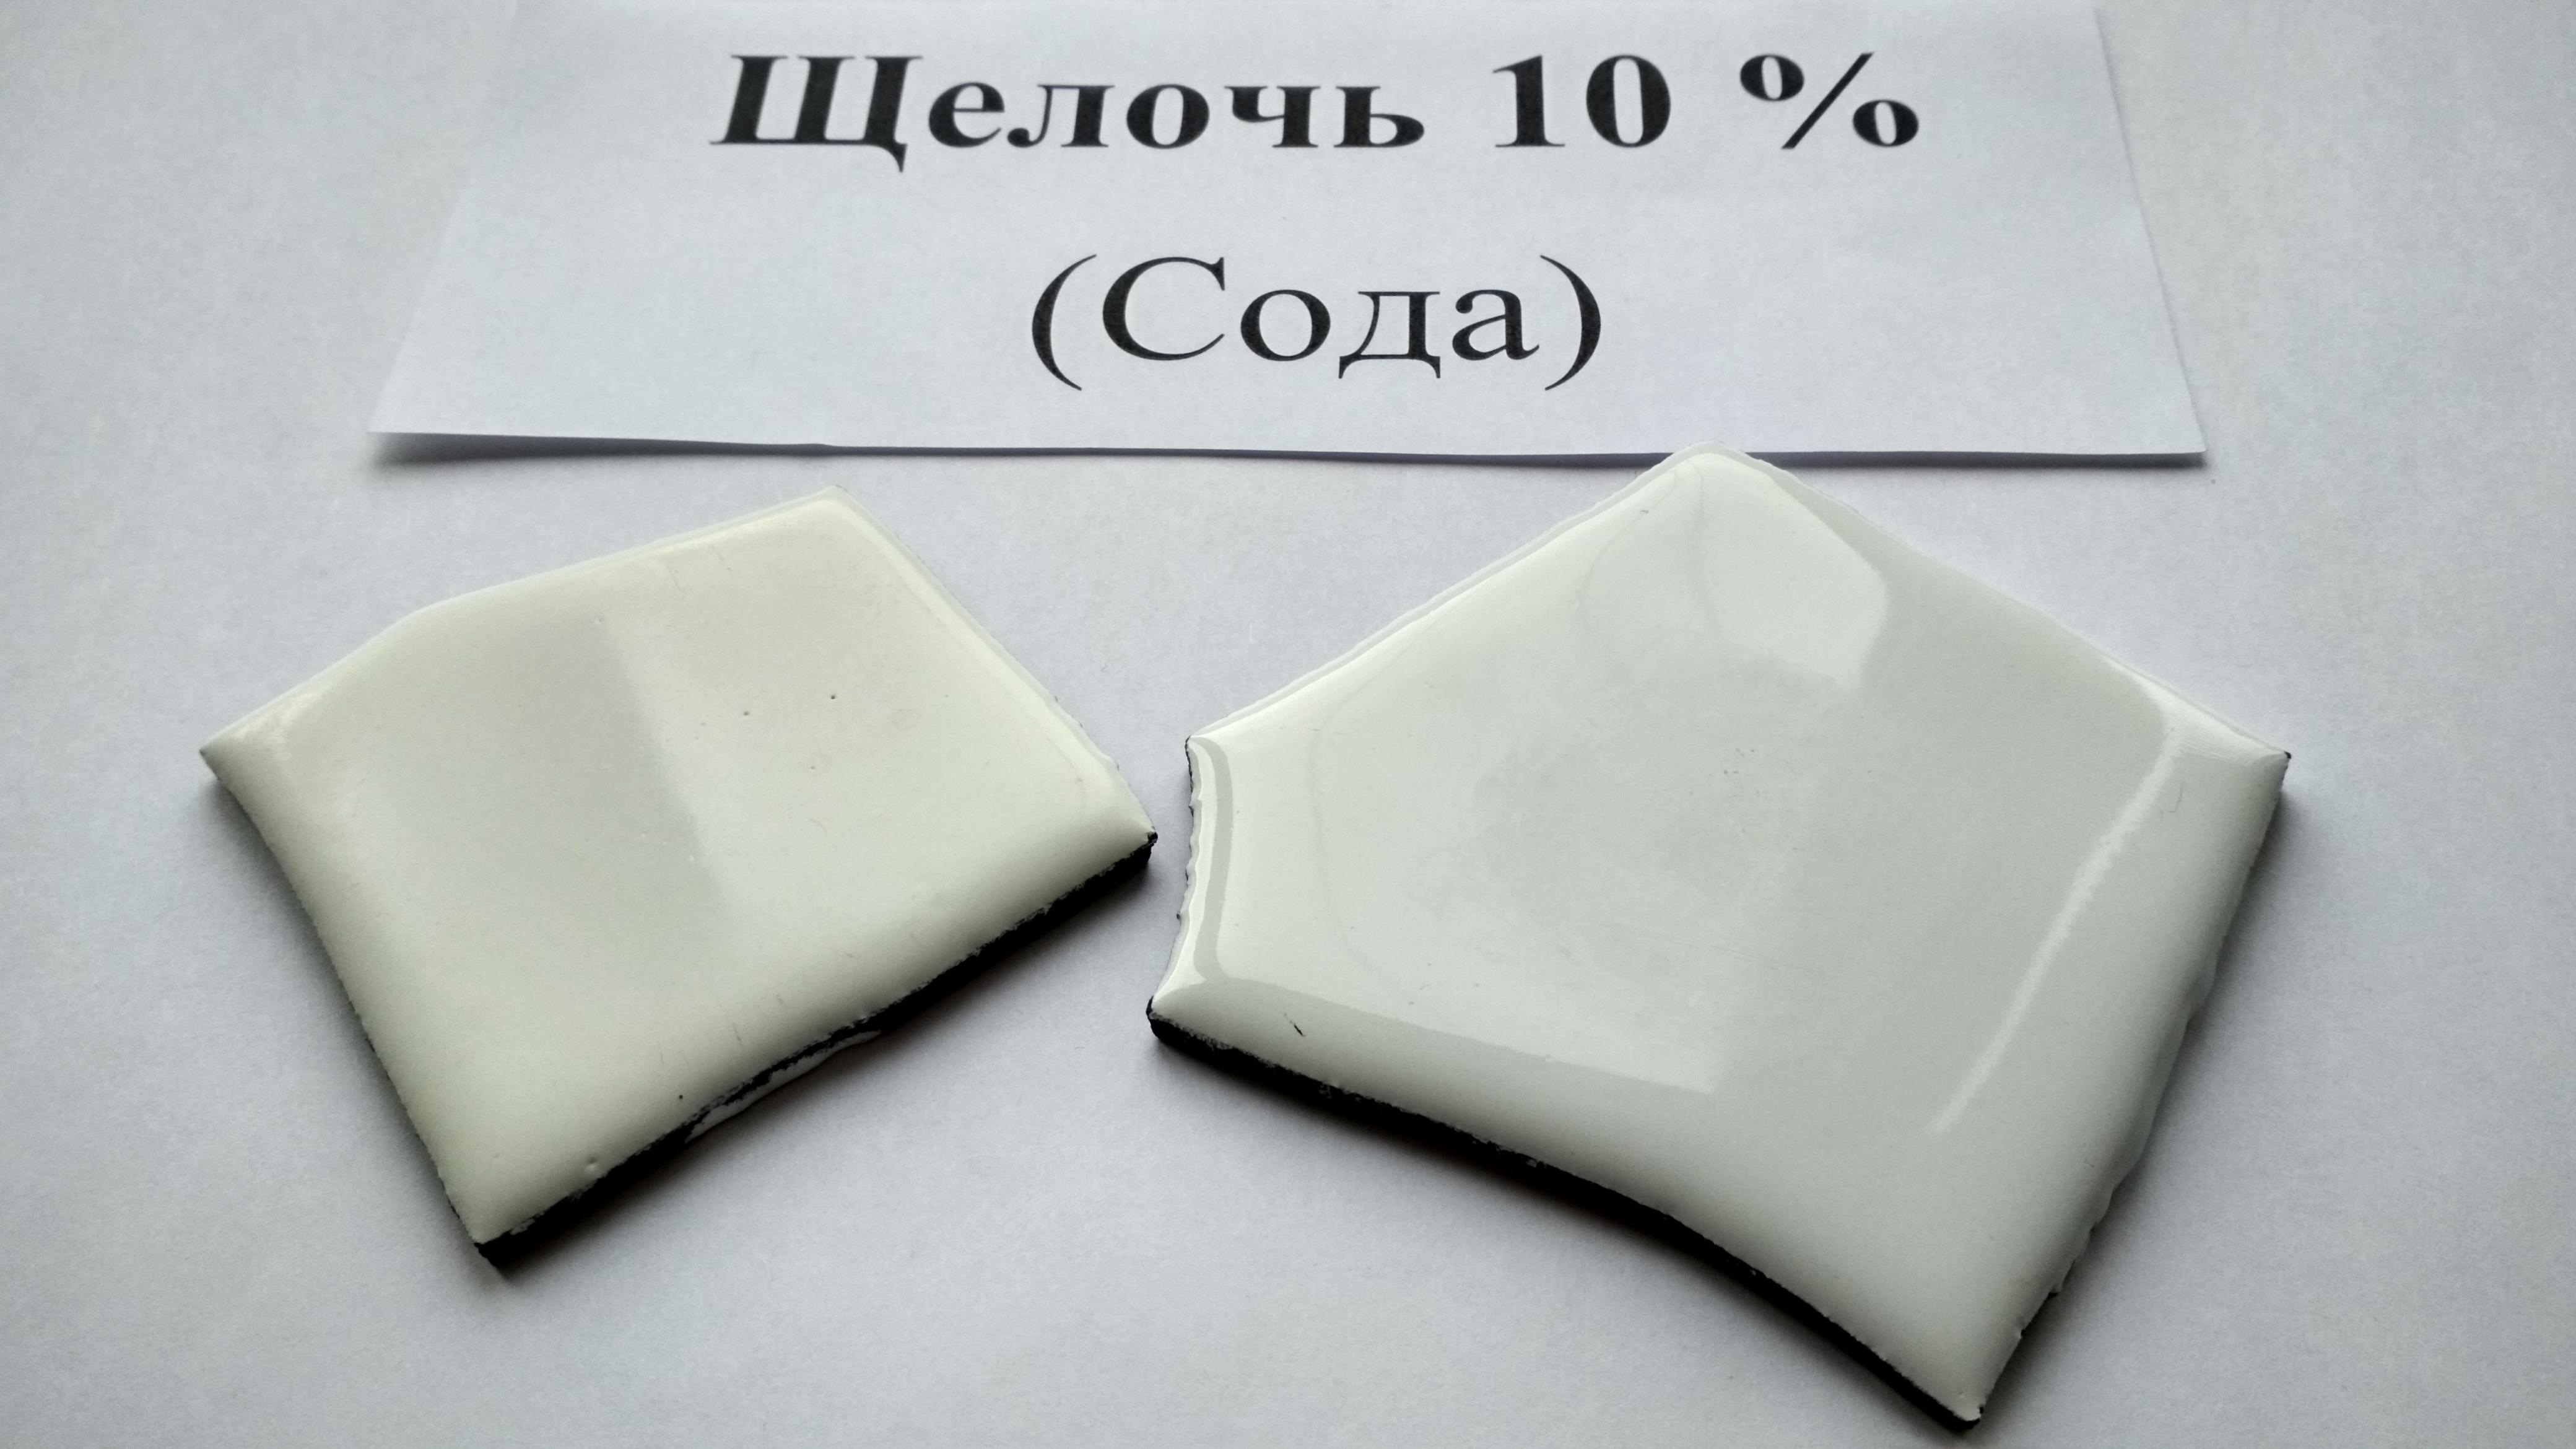 Чугунные пластинки после воздействия 10 % щелочи в течение 30 дней